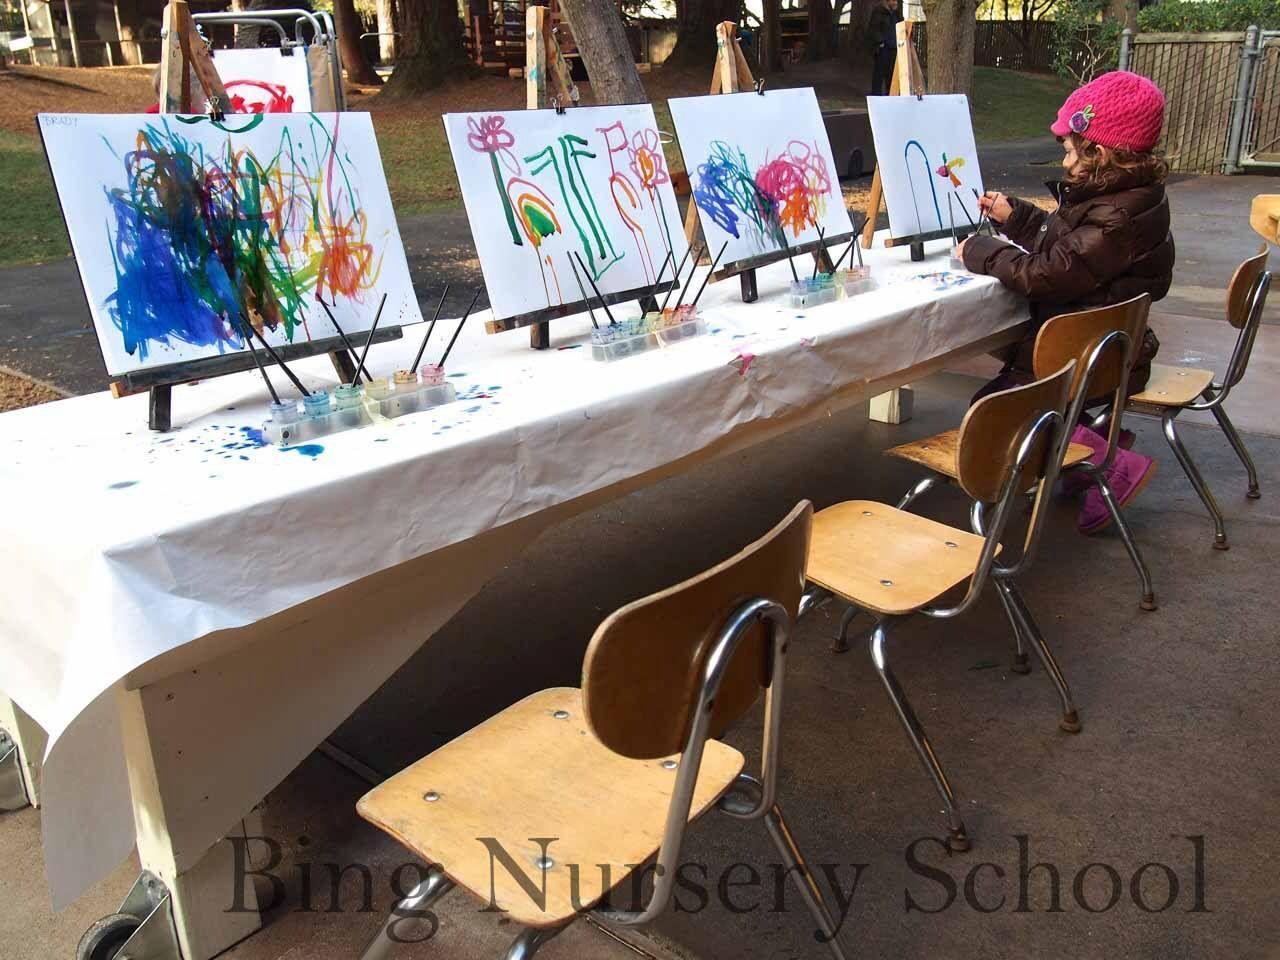 Bing nursery school art easels